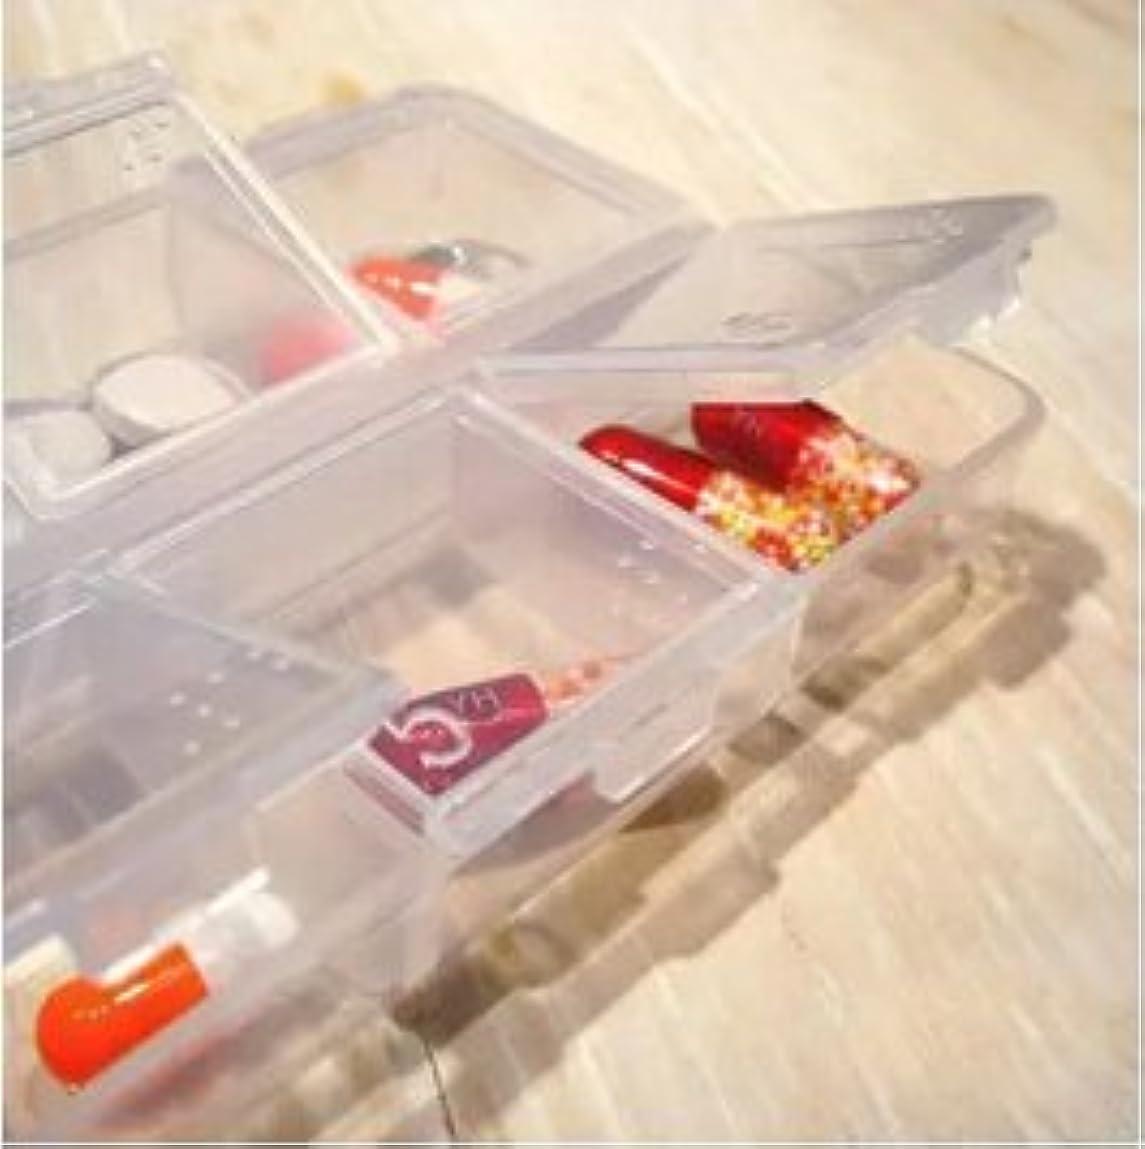 ヒュームリスナーアフリカLorny (TM) 【送料無料】6スロット透明なプラスチックピルボックス医学オーガナイザー多機能ピルケースポータブルストレージボックス [並行輸入品]